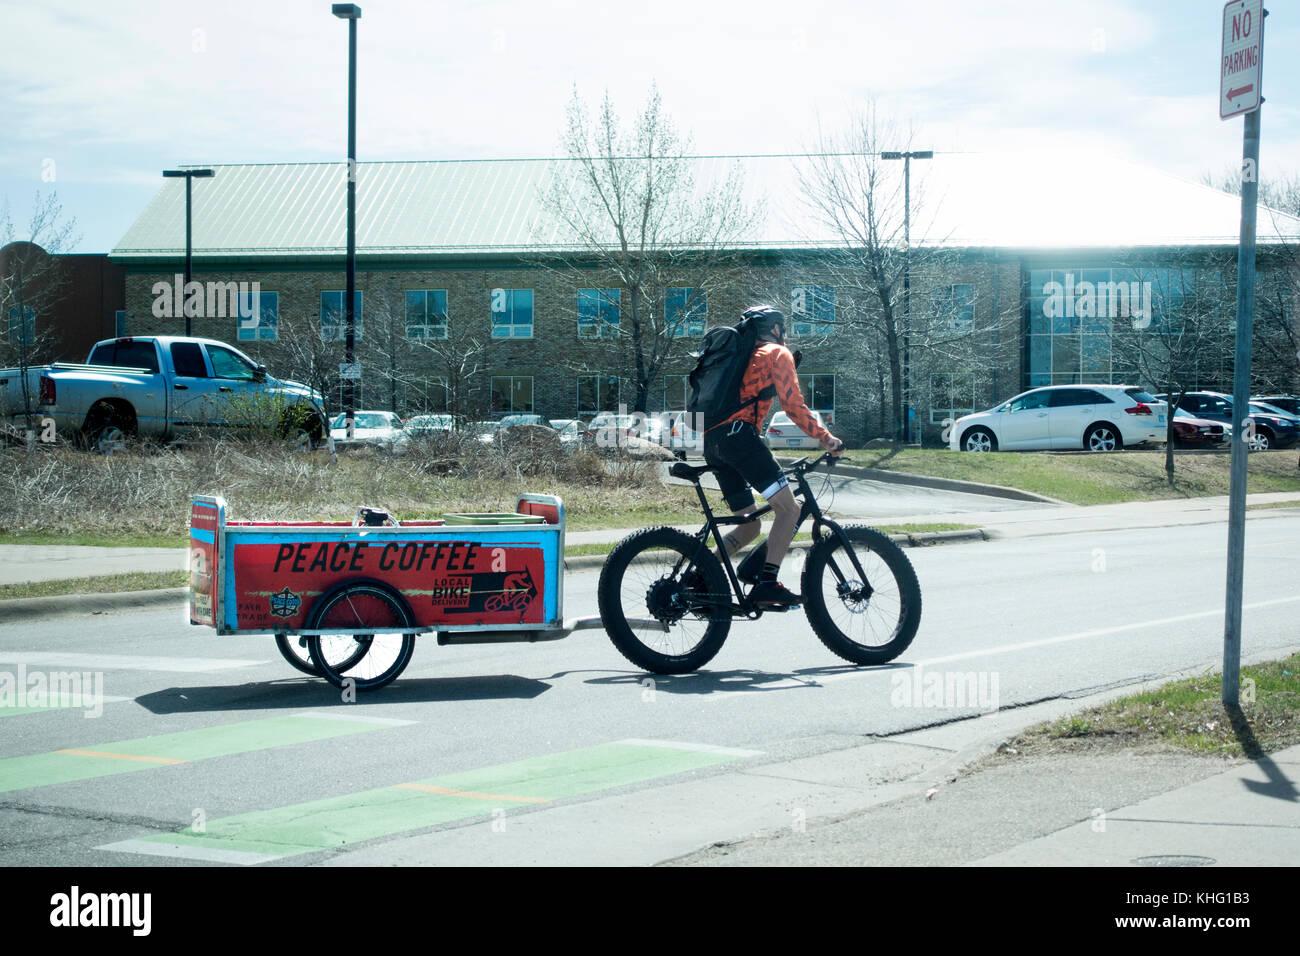 39a12038ae0 Entrega bicycler café paz a clientes en un remolque tirado por la  bicicleta. de Minneapolis, Minnesota, mn de EE.UU.